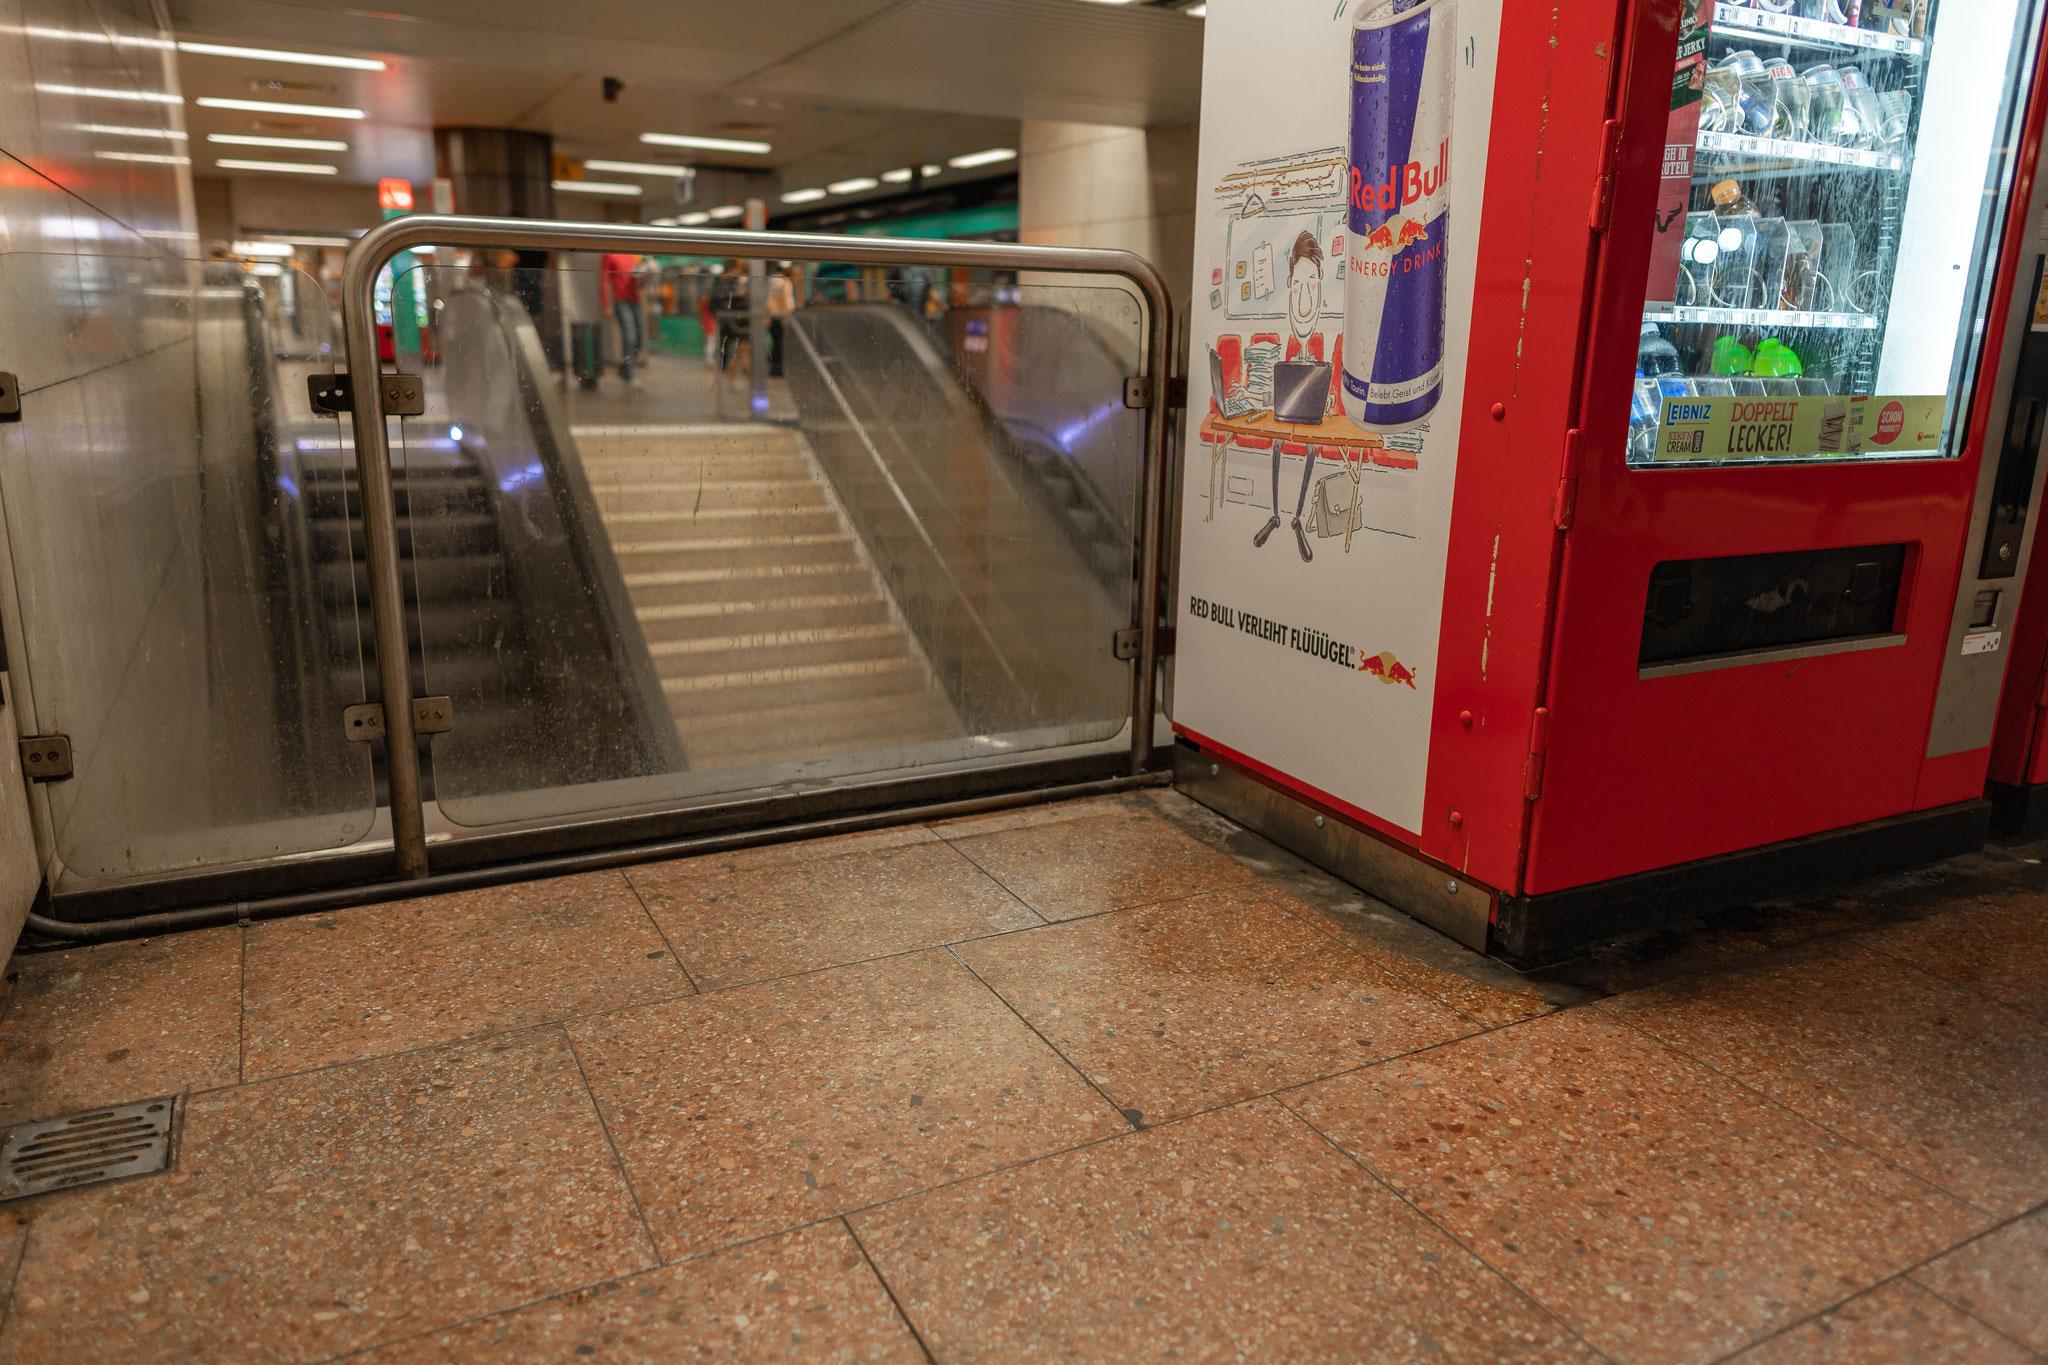 Jede verlassene Ecke am Hauptbahnhof von Frankfurt stinkt bestialisch nach Urin und Exkrementen